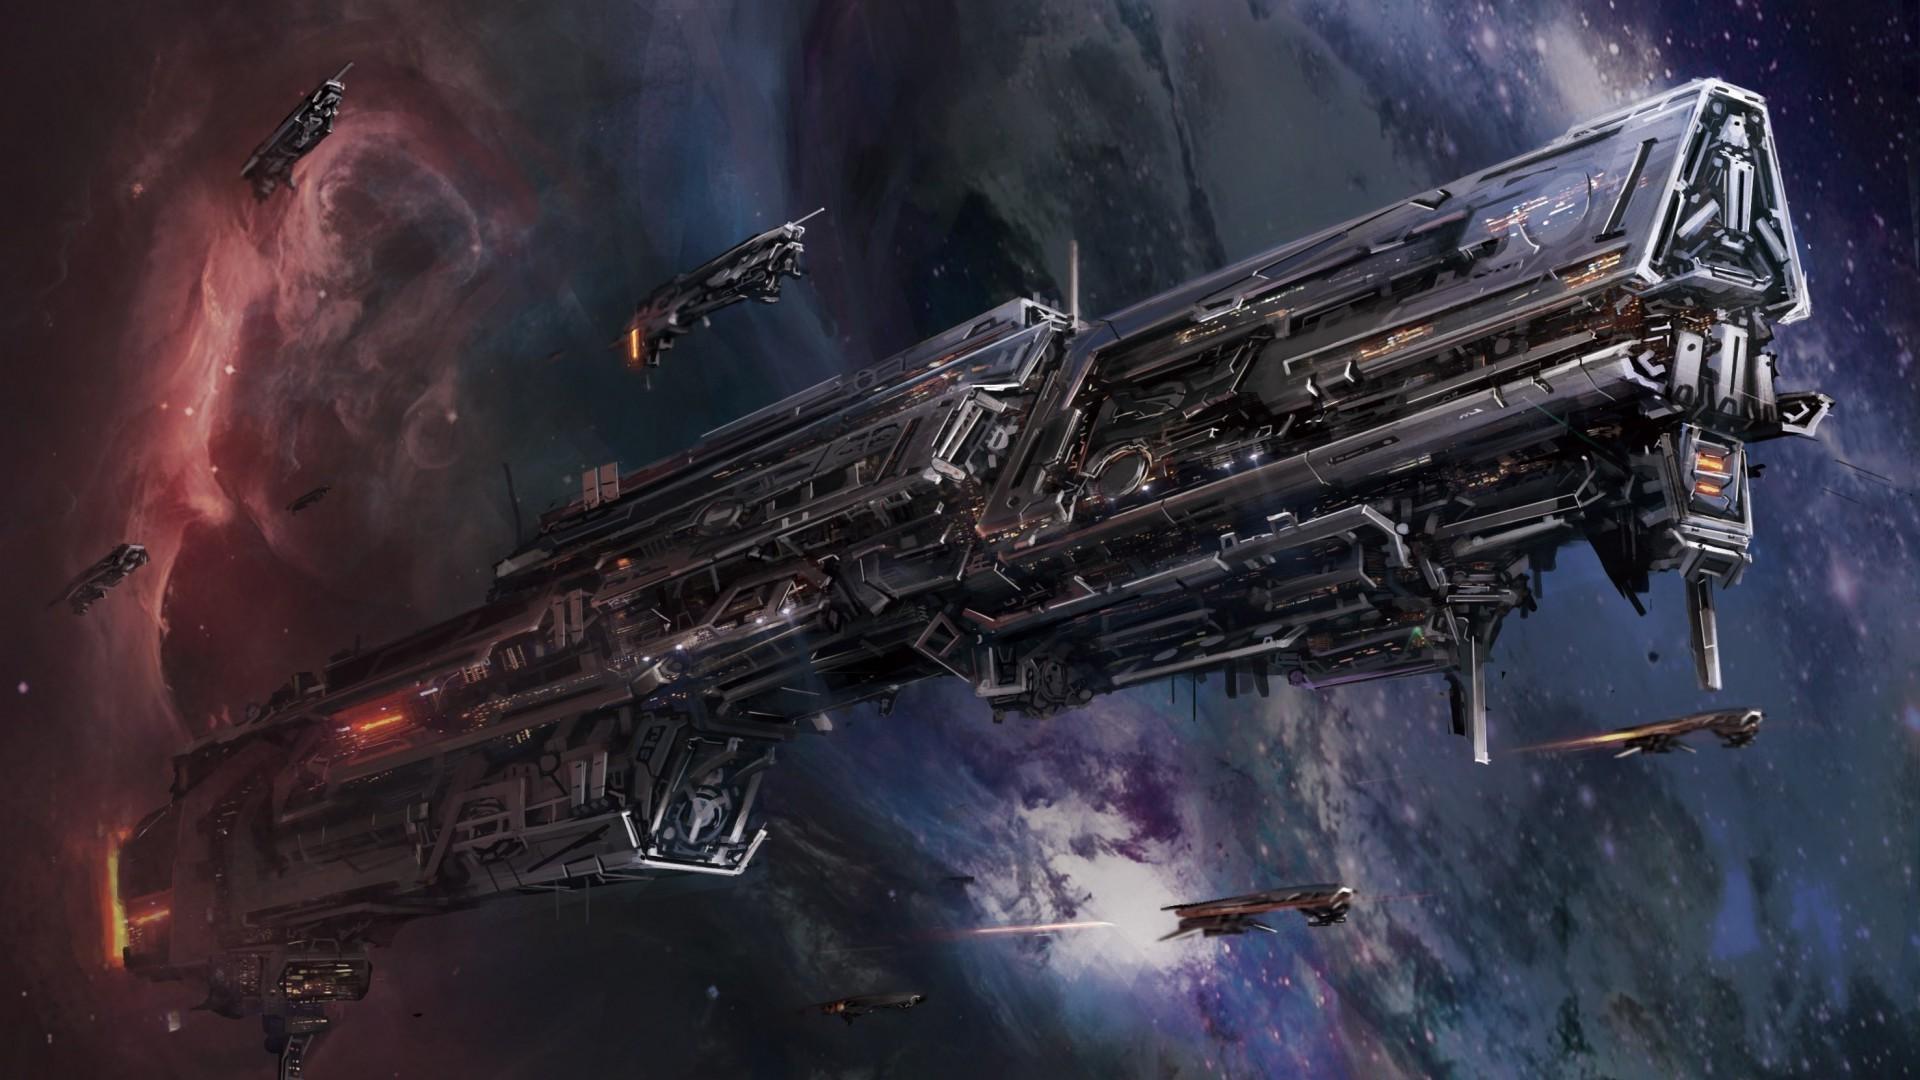 Обои космические корабли для рабочего стола 7